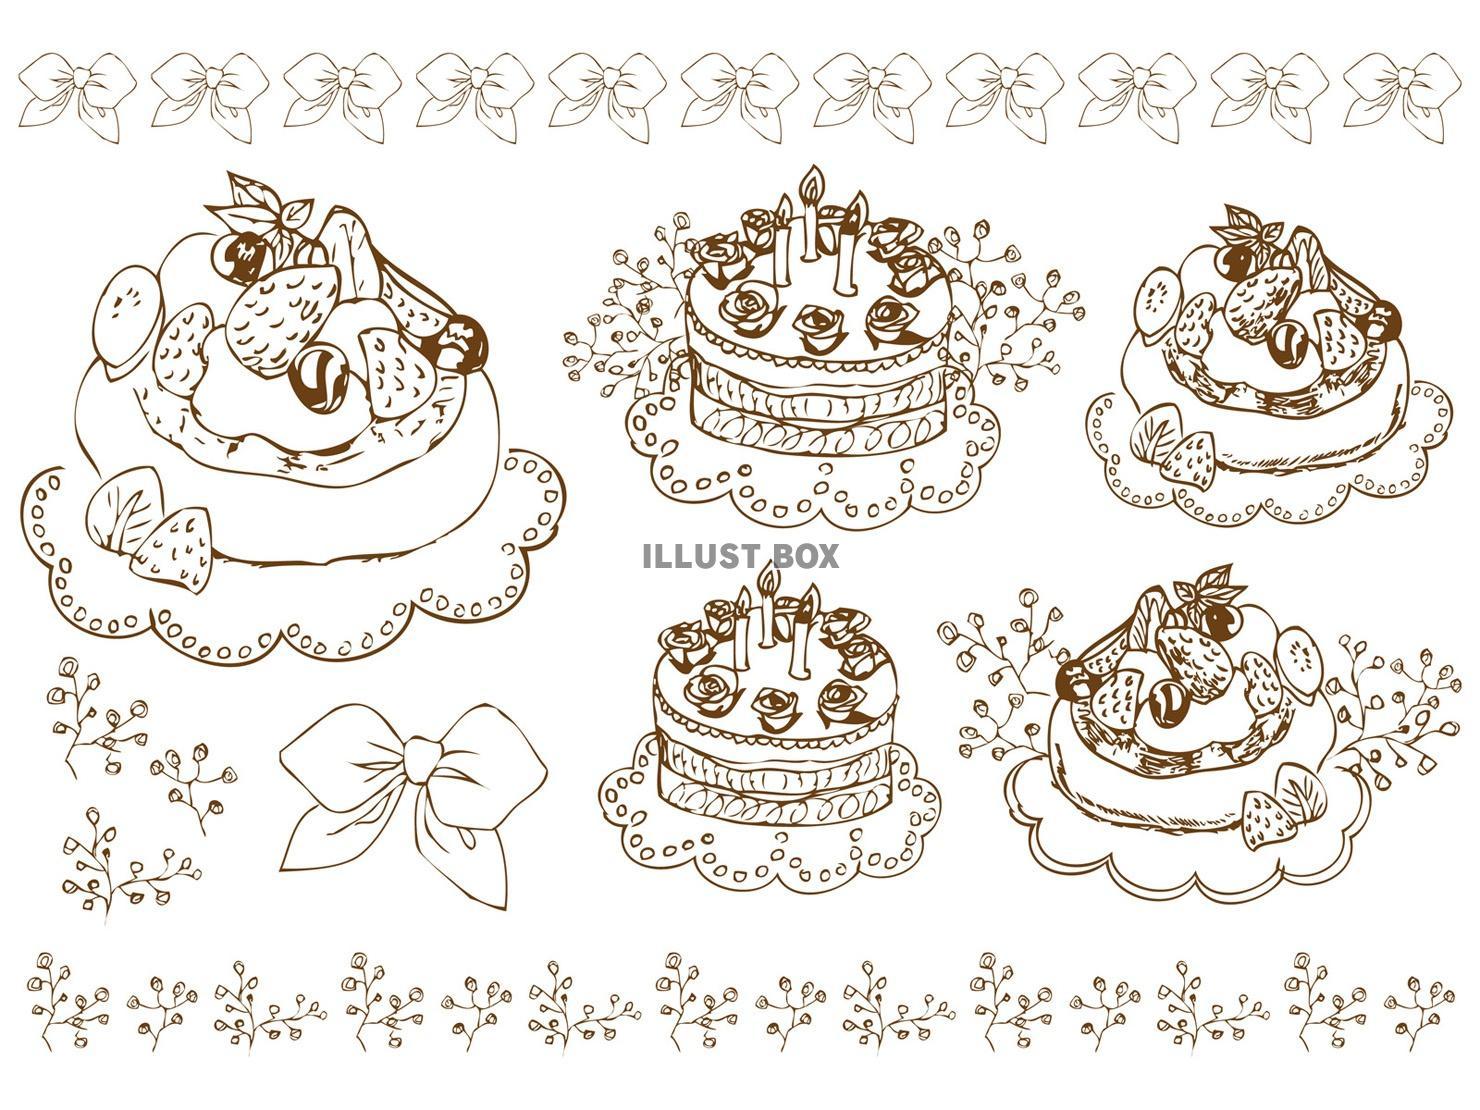 無料イラスト 誕生日ケーキカフェパンケーキウェディング手書誕生日ケーキおめ